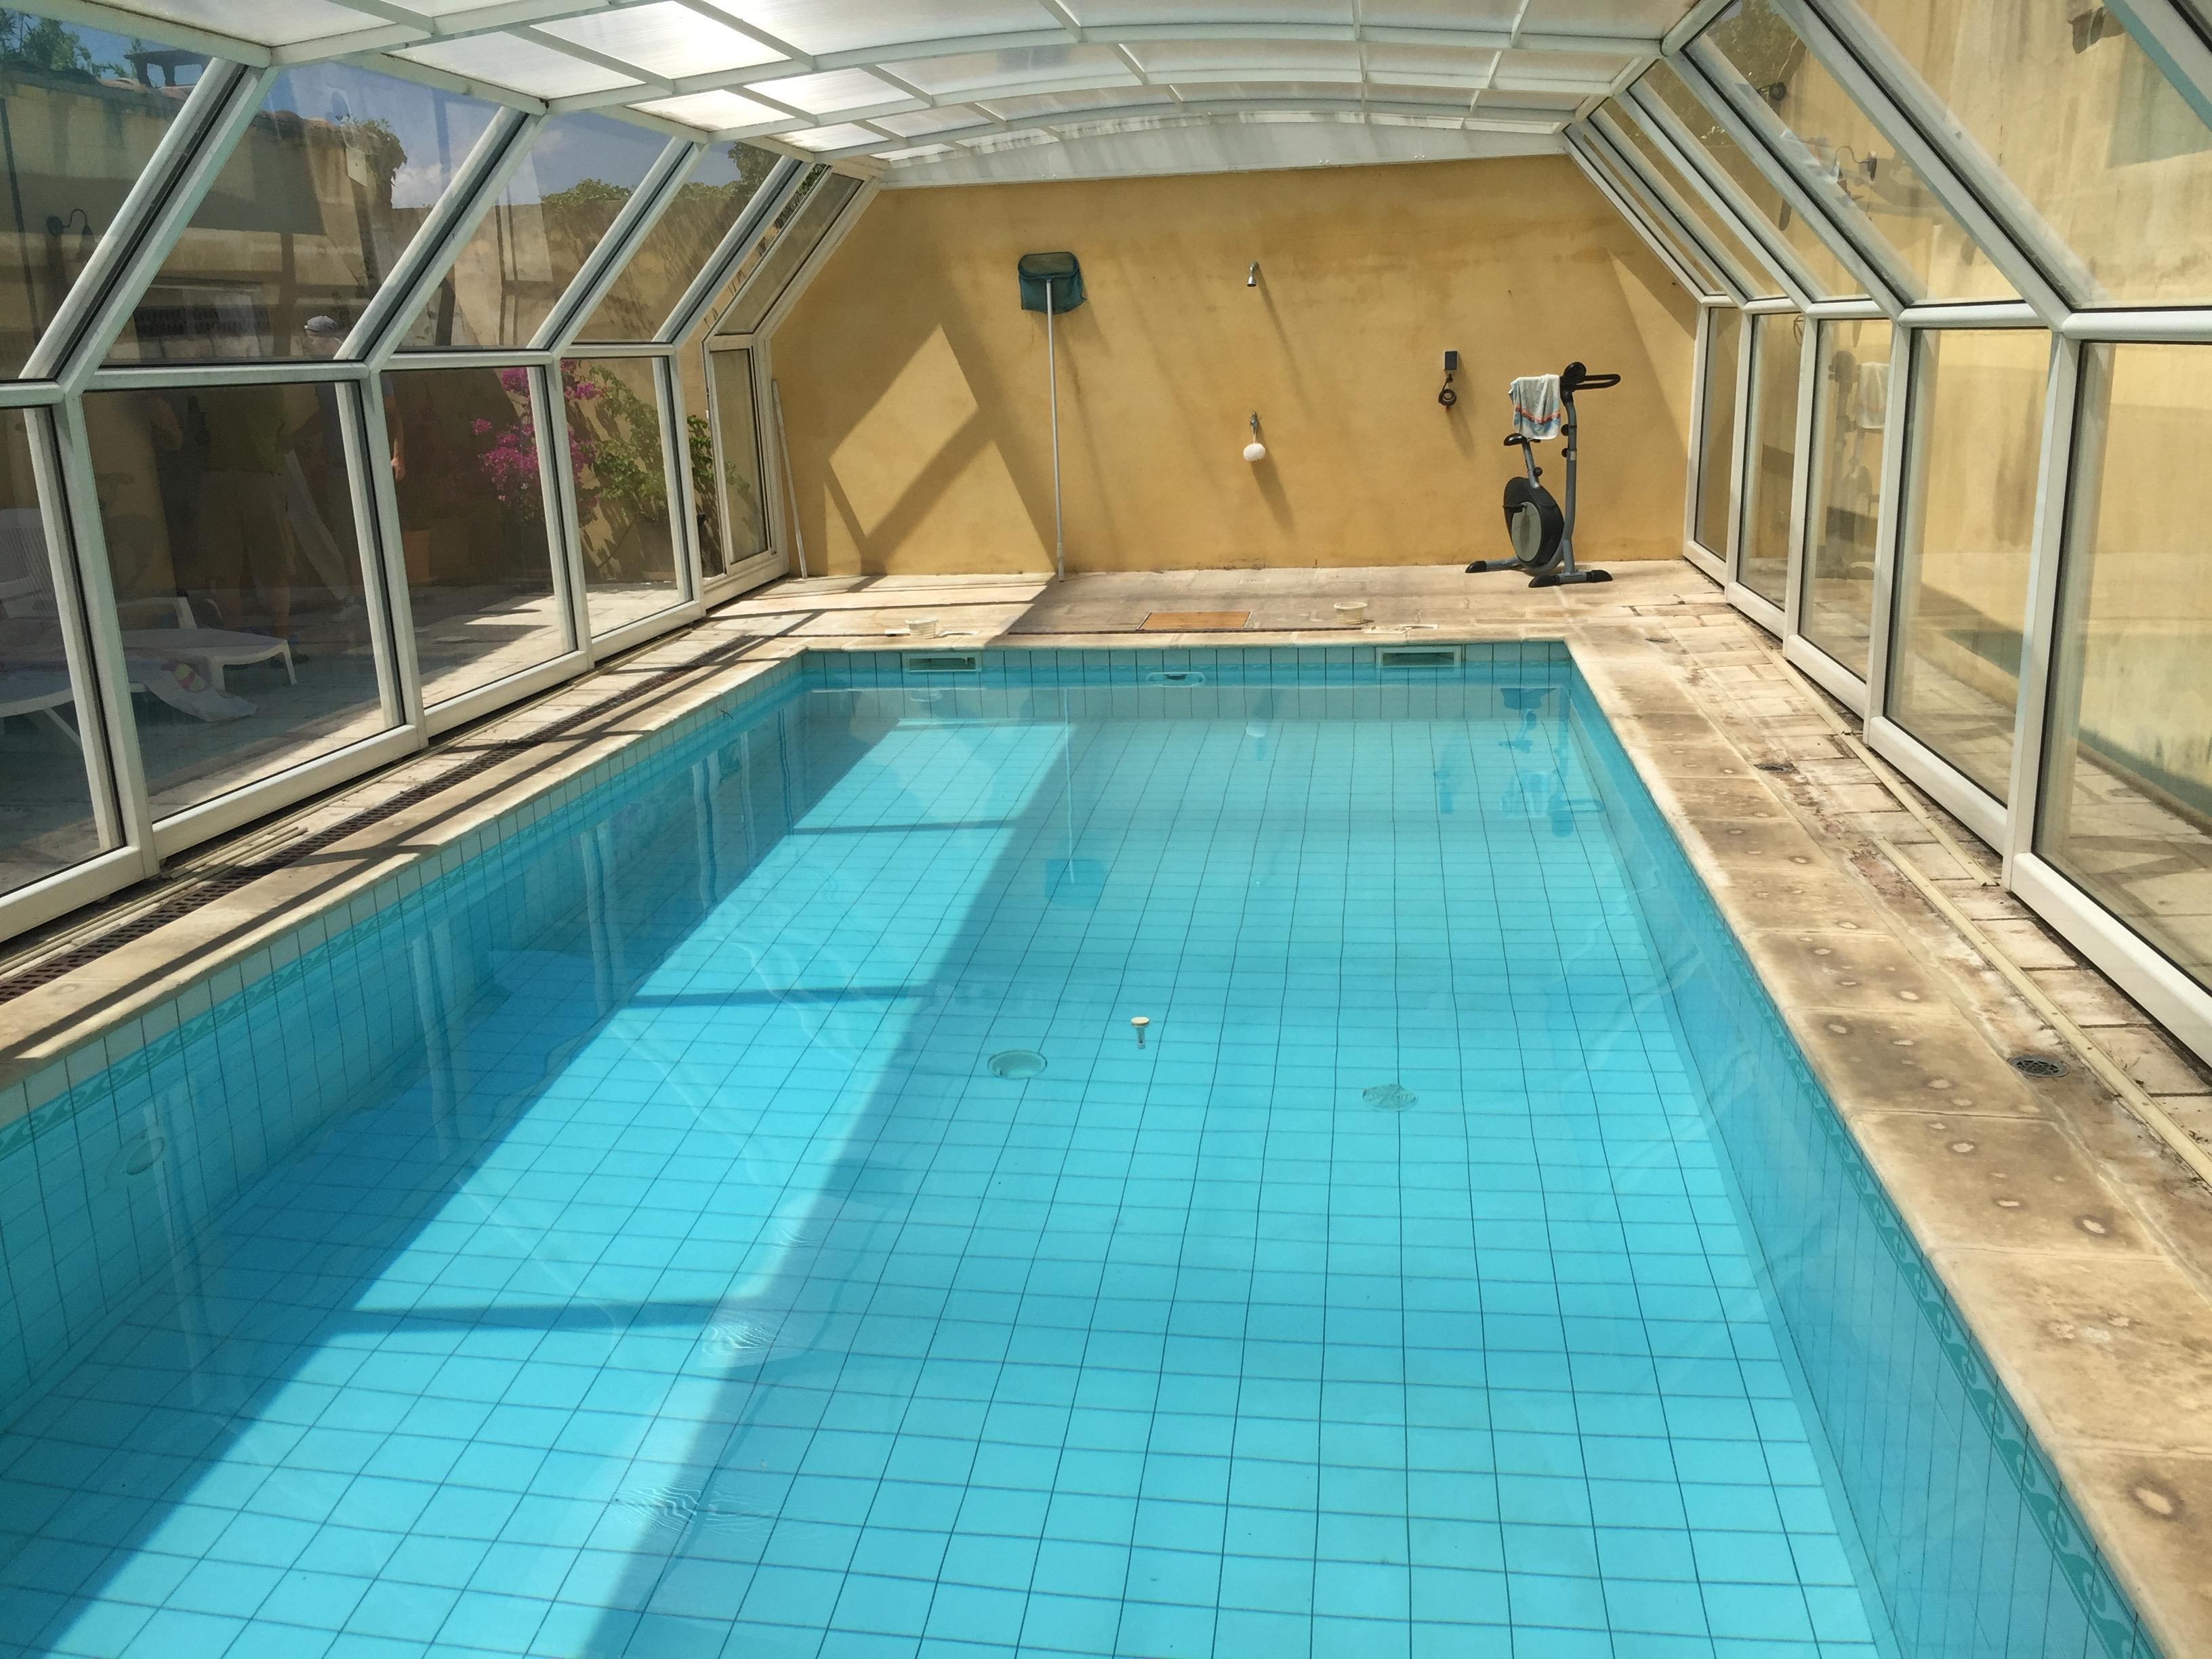 Piscine bp recherche de fuites for Trop de chlore piscine